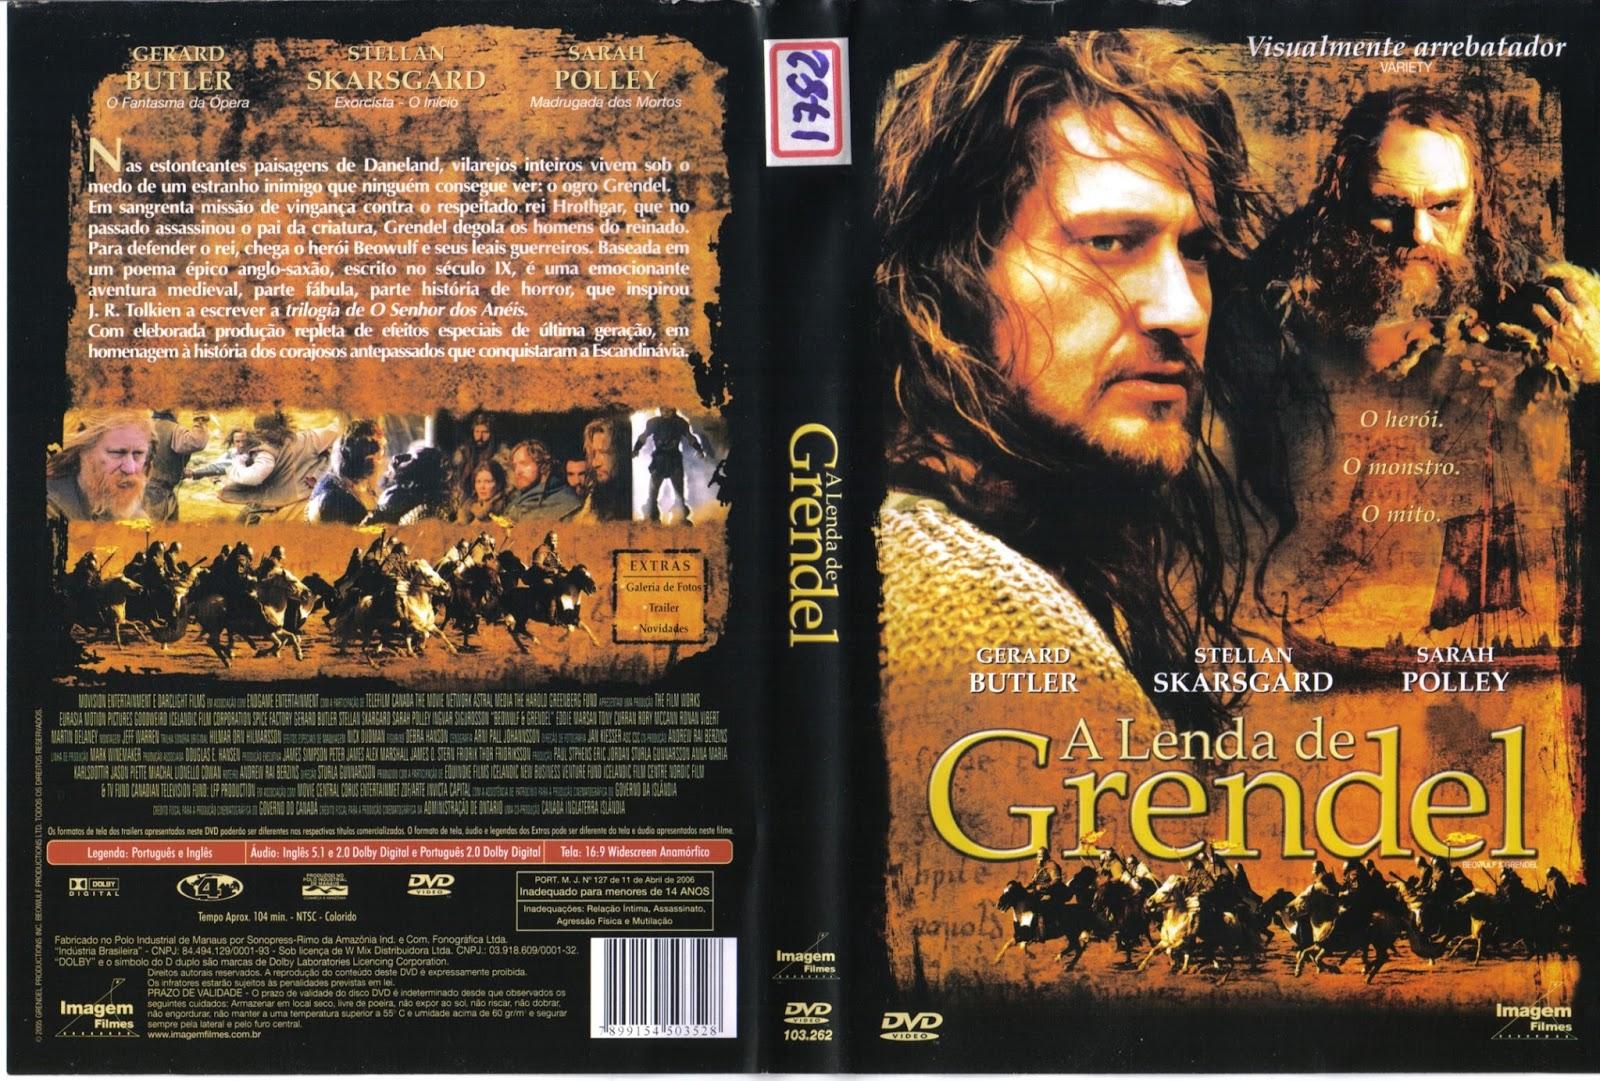 A Lenda Do Cavaleiro Sem Cabeça Filme Completo Great milhares de capas de dvd, originais, custom, labels, show